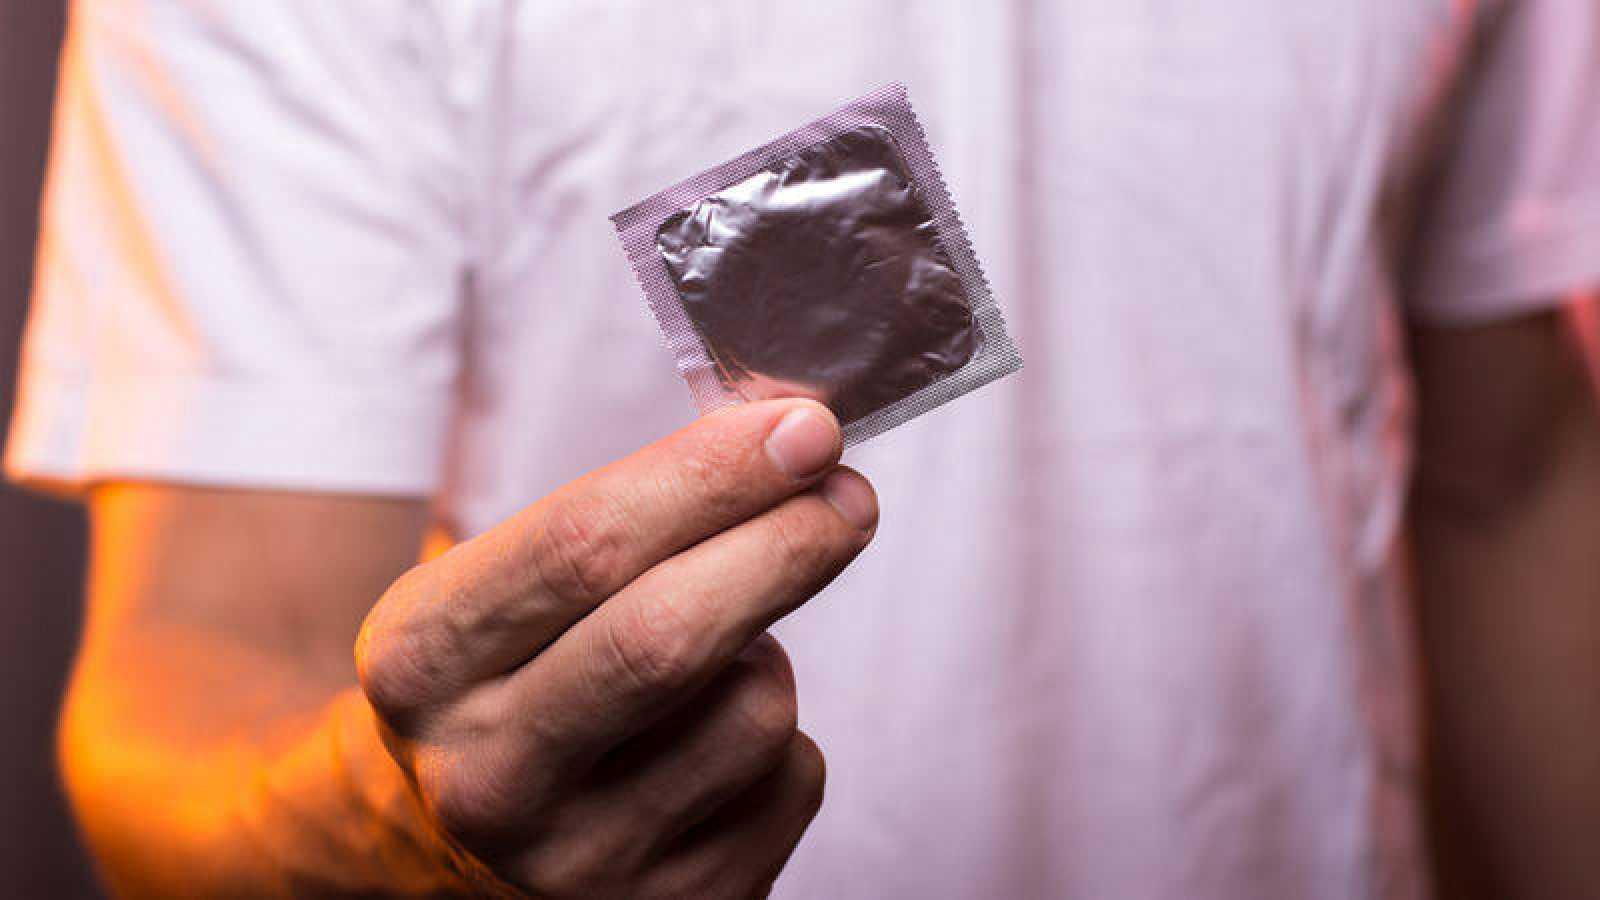 El 40% de las chicas y el 30% de los chicos europeos no usan preservativo en sus relaciones sexuales